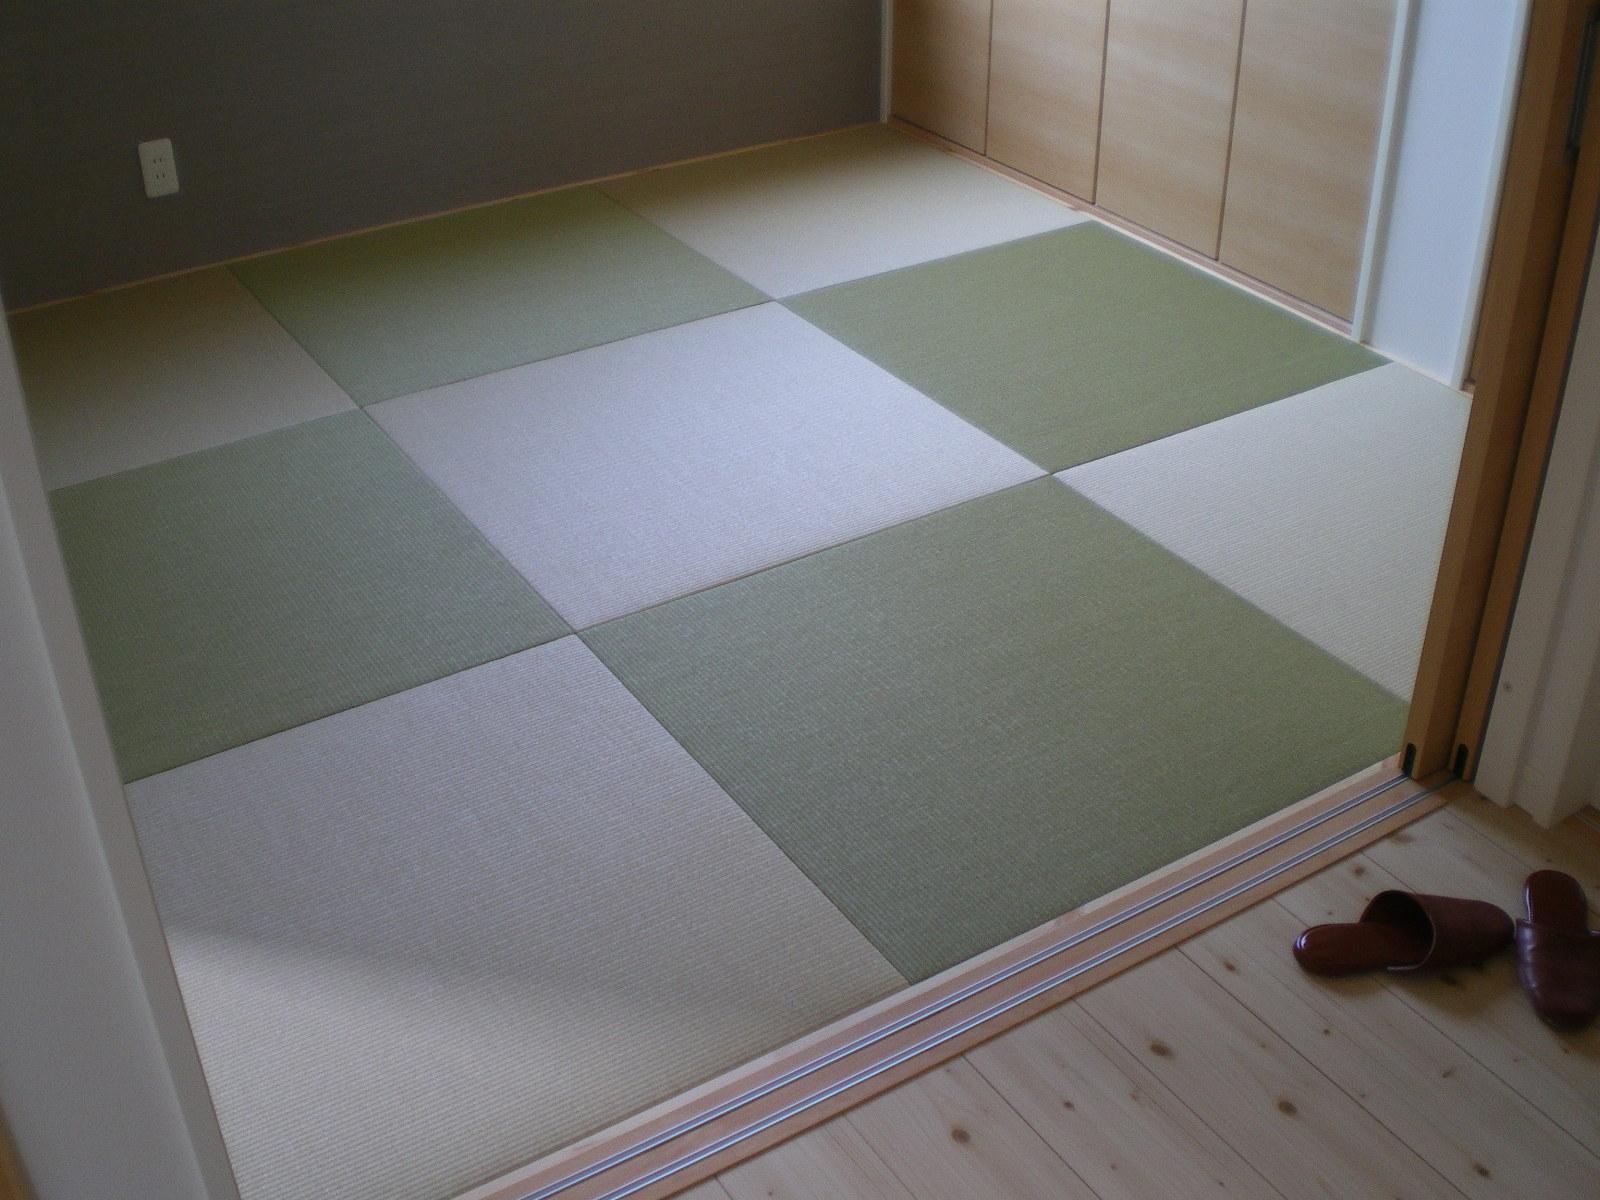 へりなし琉球畳(銀白色×若草色)